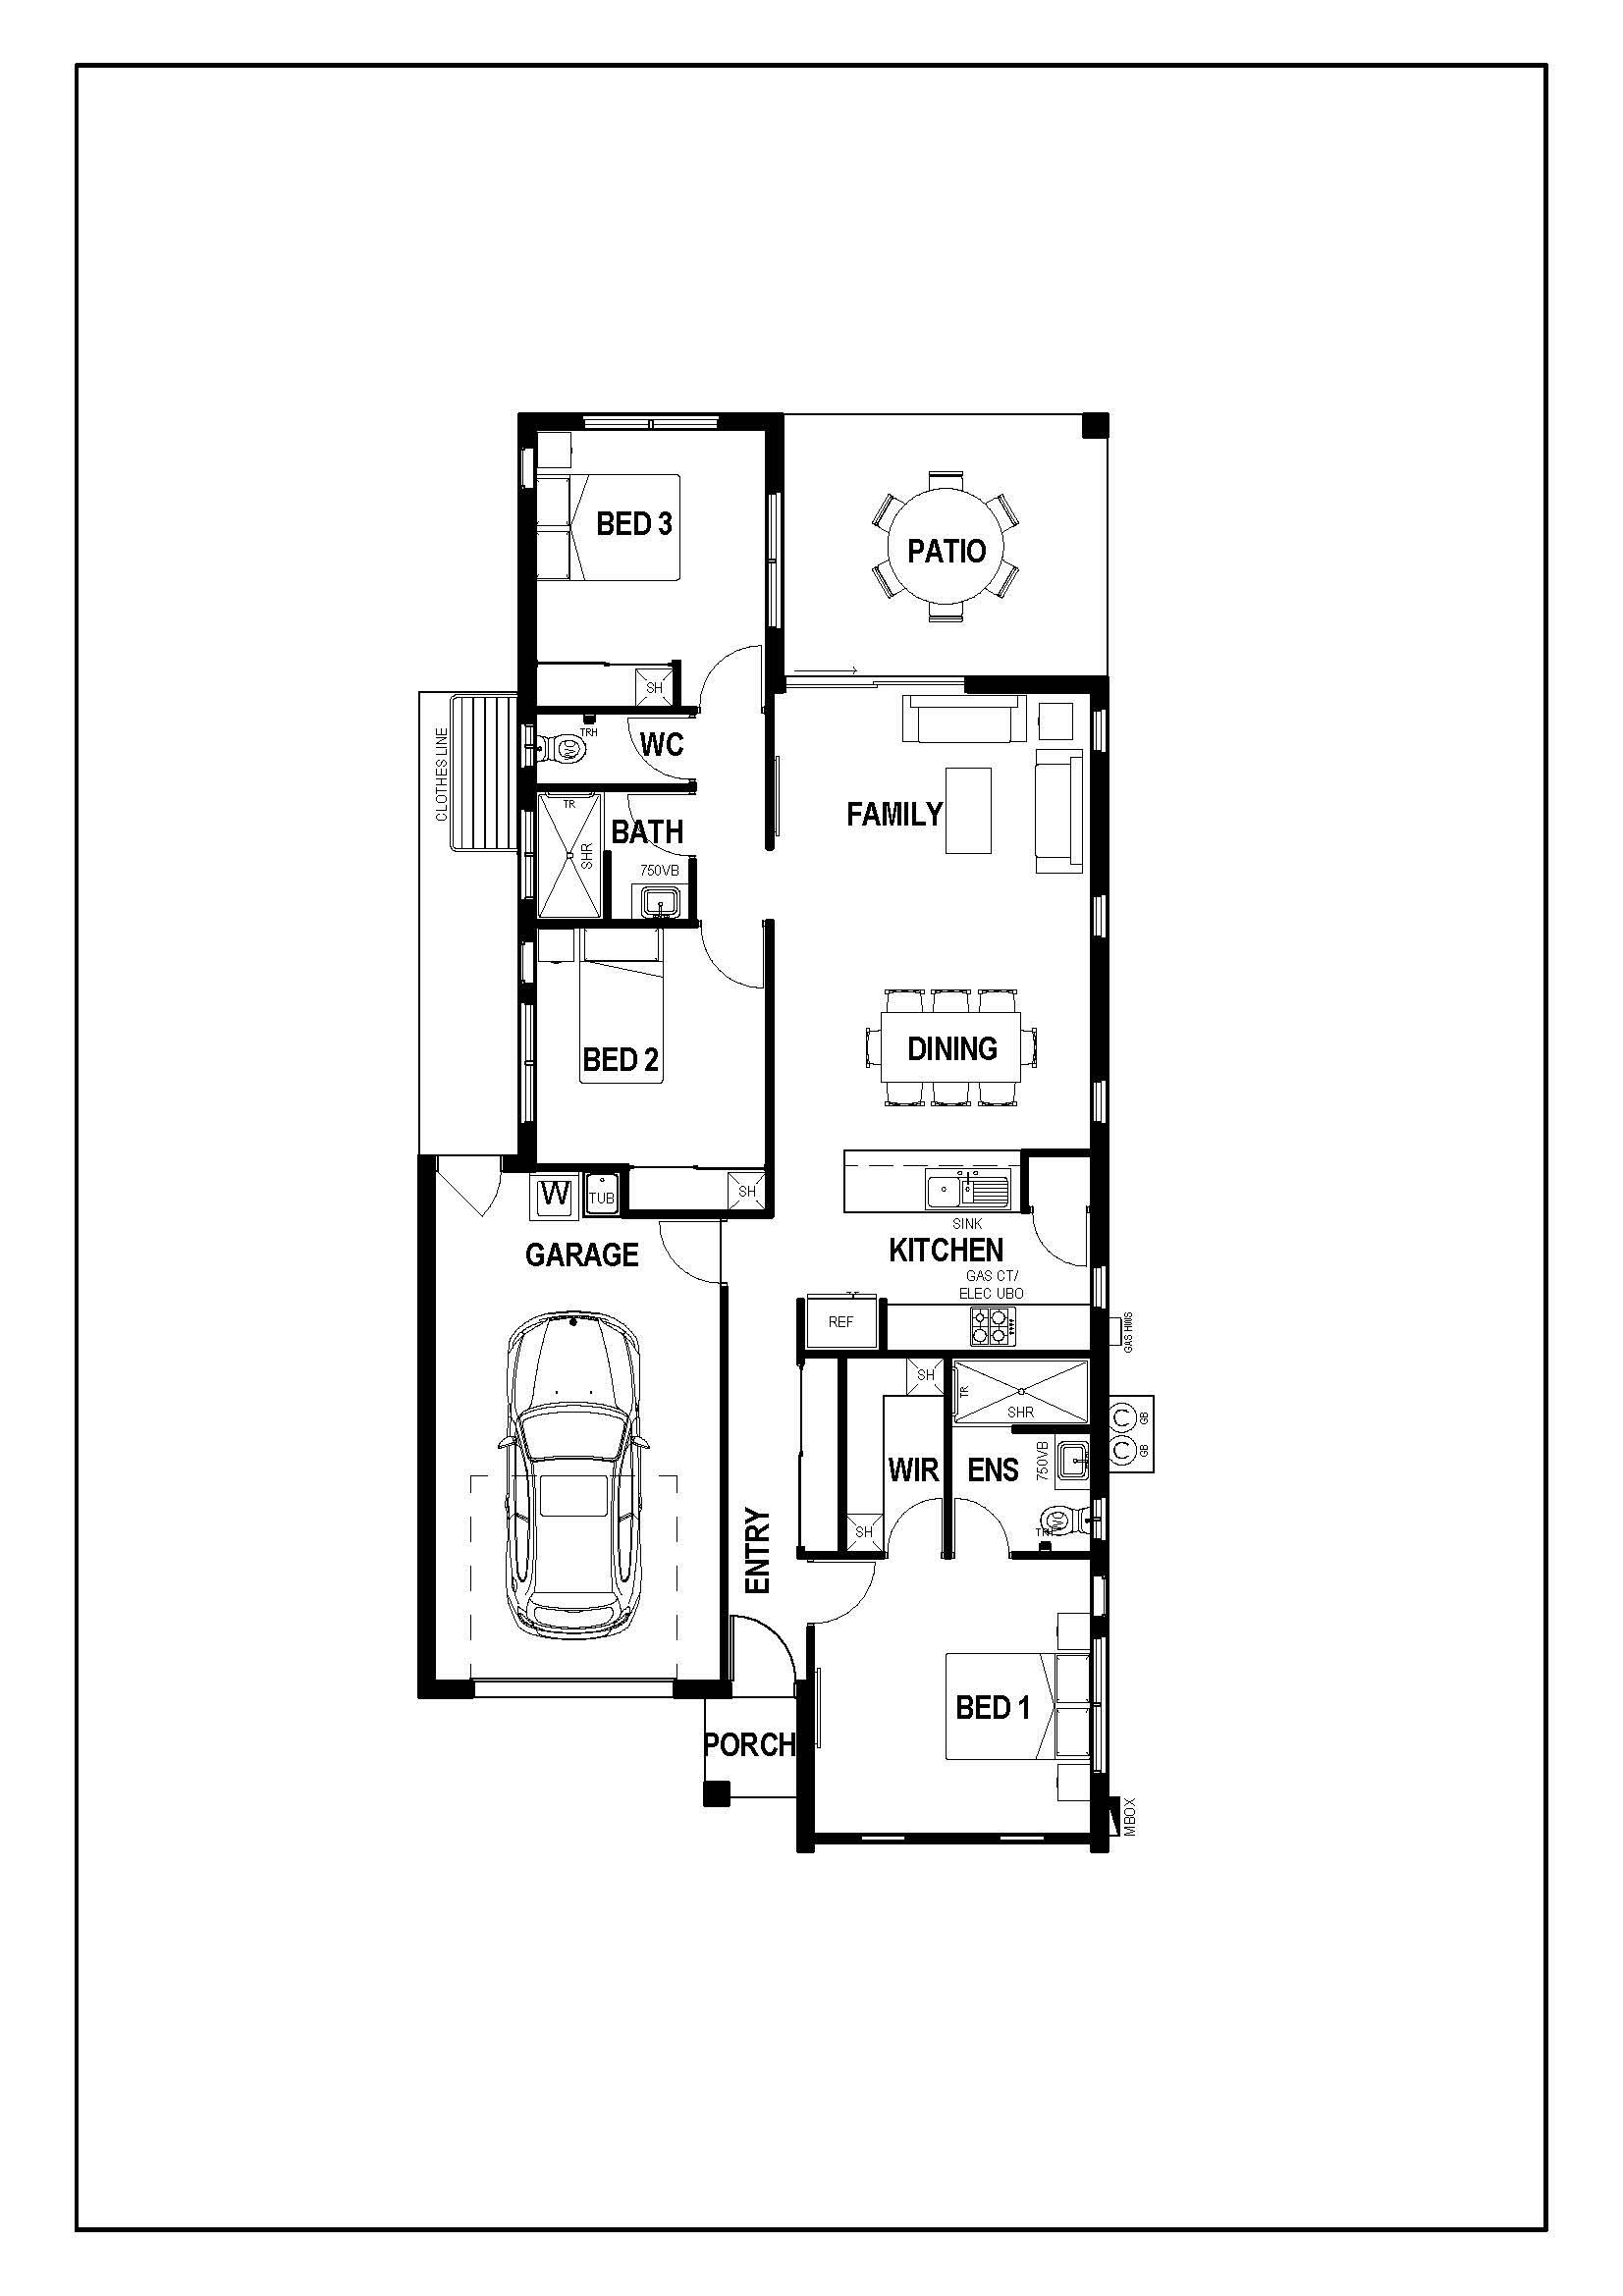 Inspire 146 Floor Plan.jpg